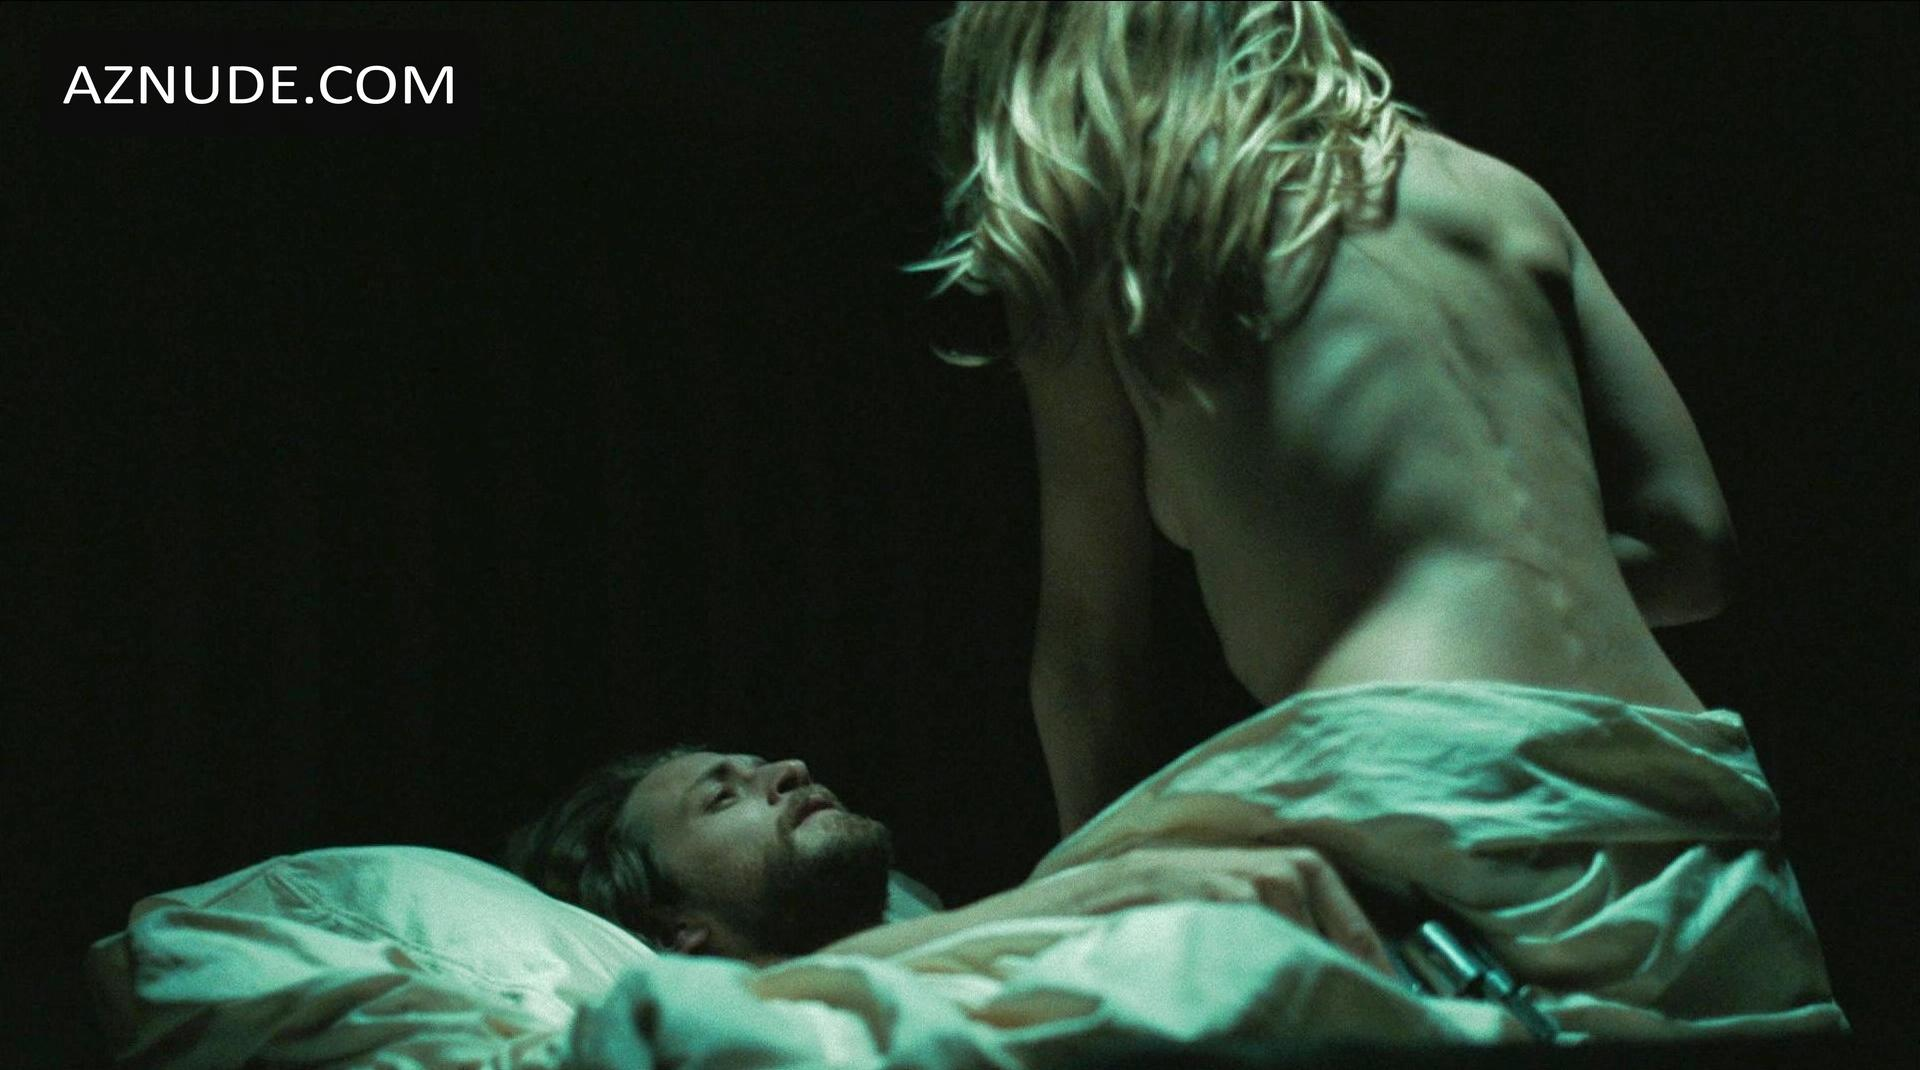 Alona Tal Nude Fakes alona tal nude - aznude